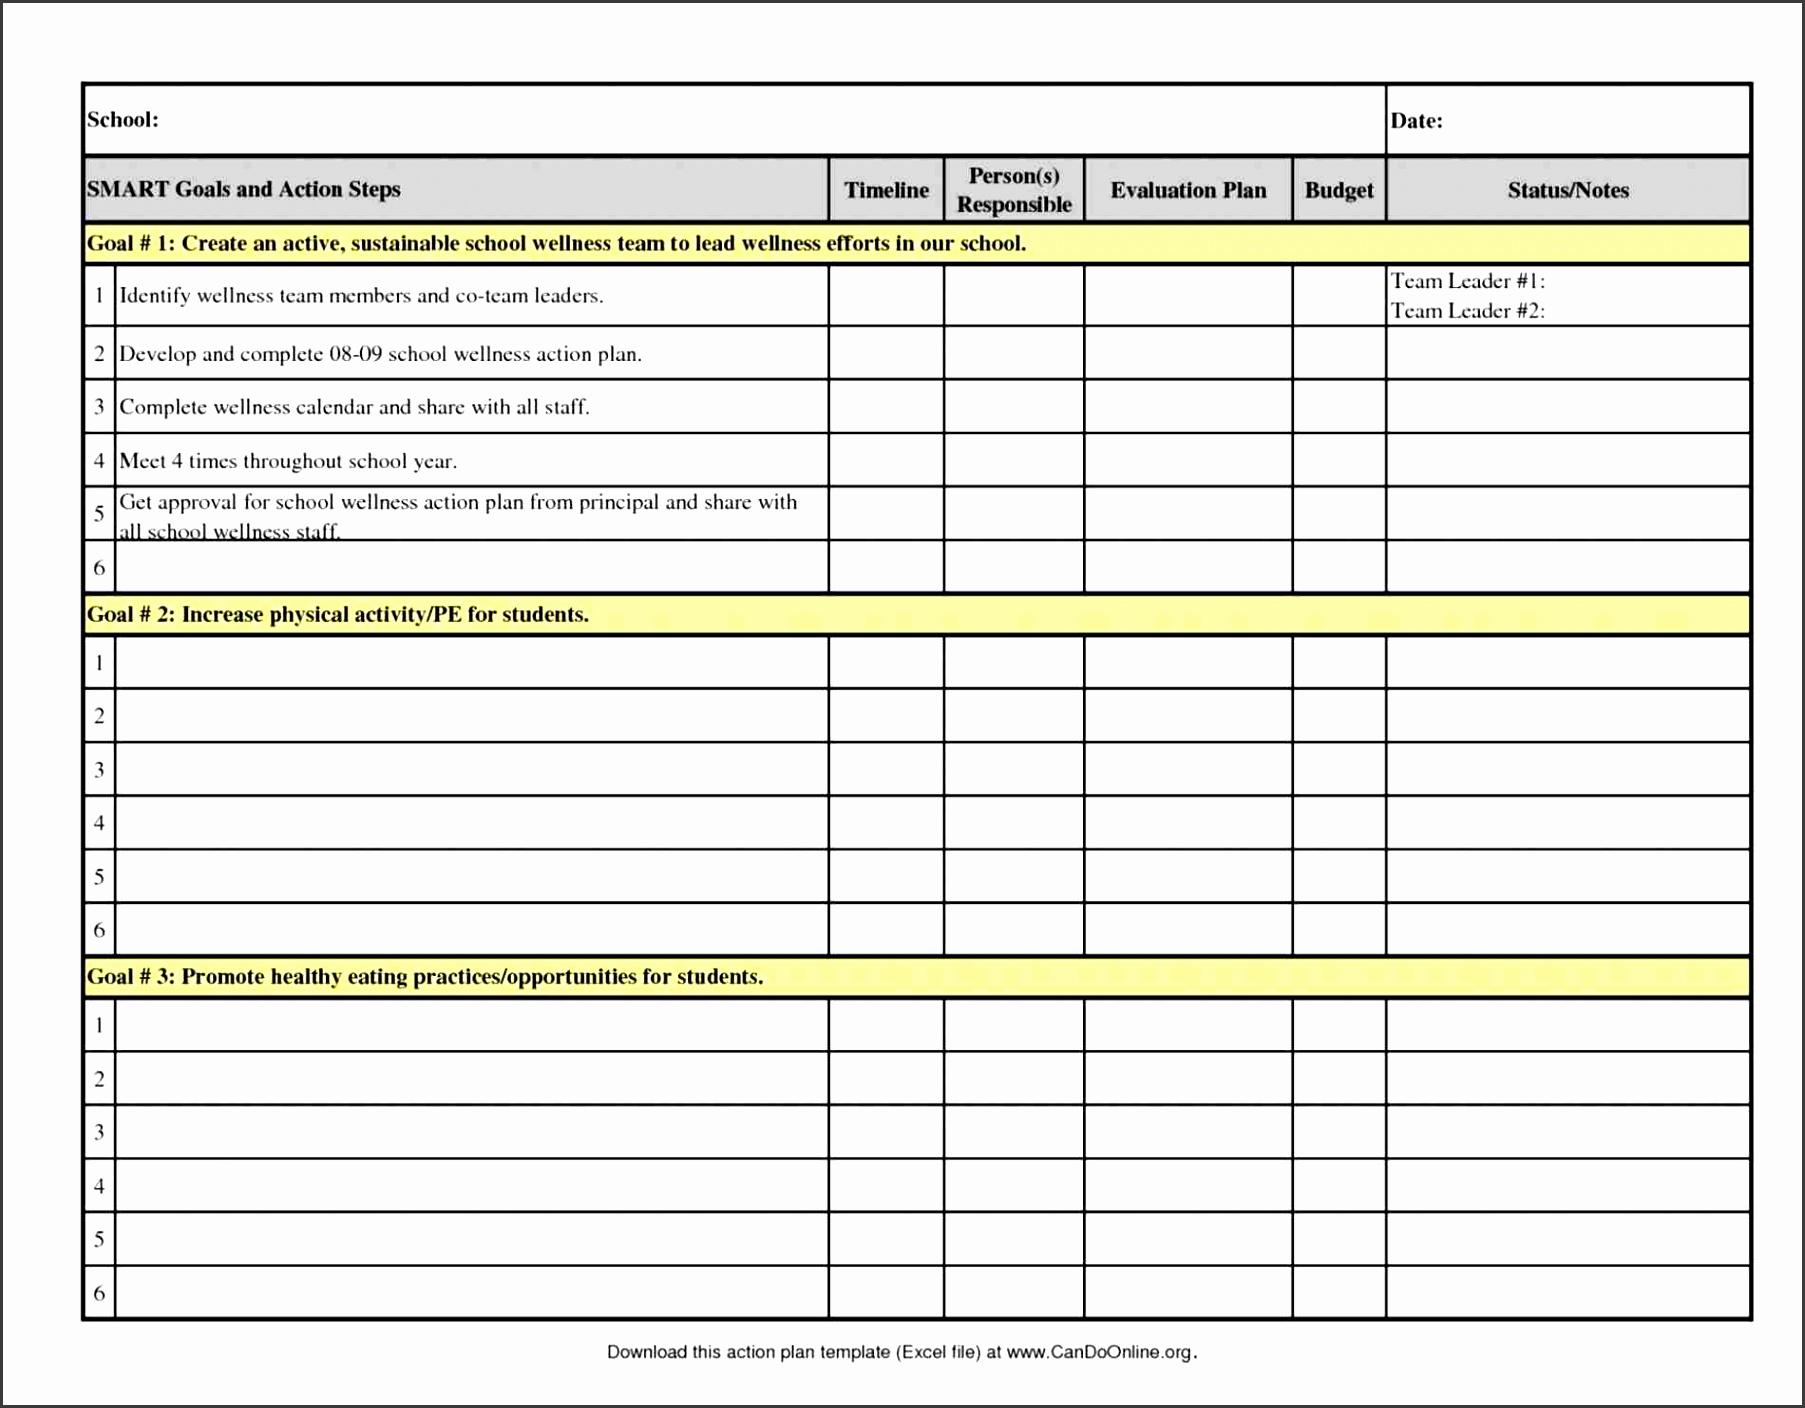 7 Home Construction Checklist Template - SampleTemplatess - SampleTemplatess